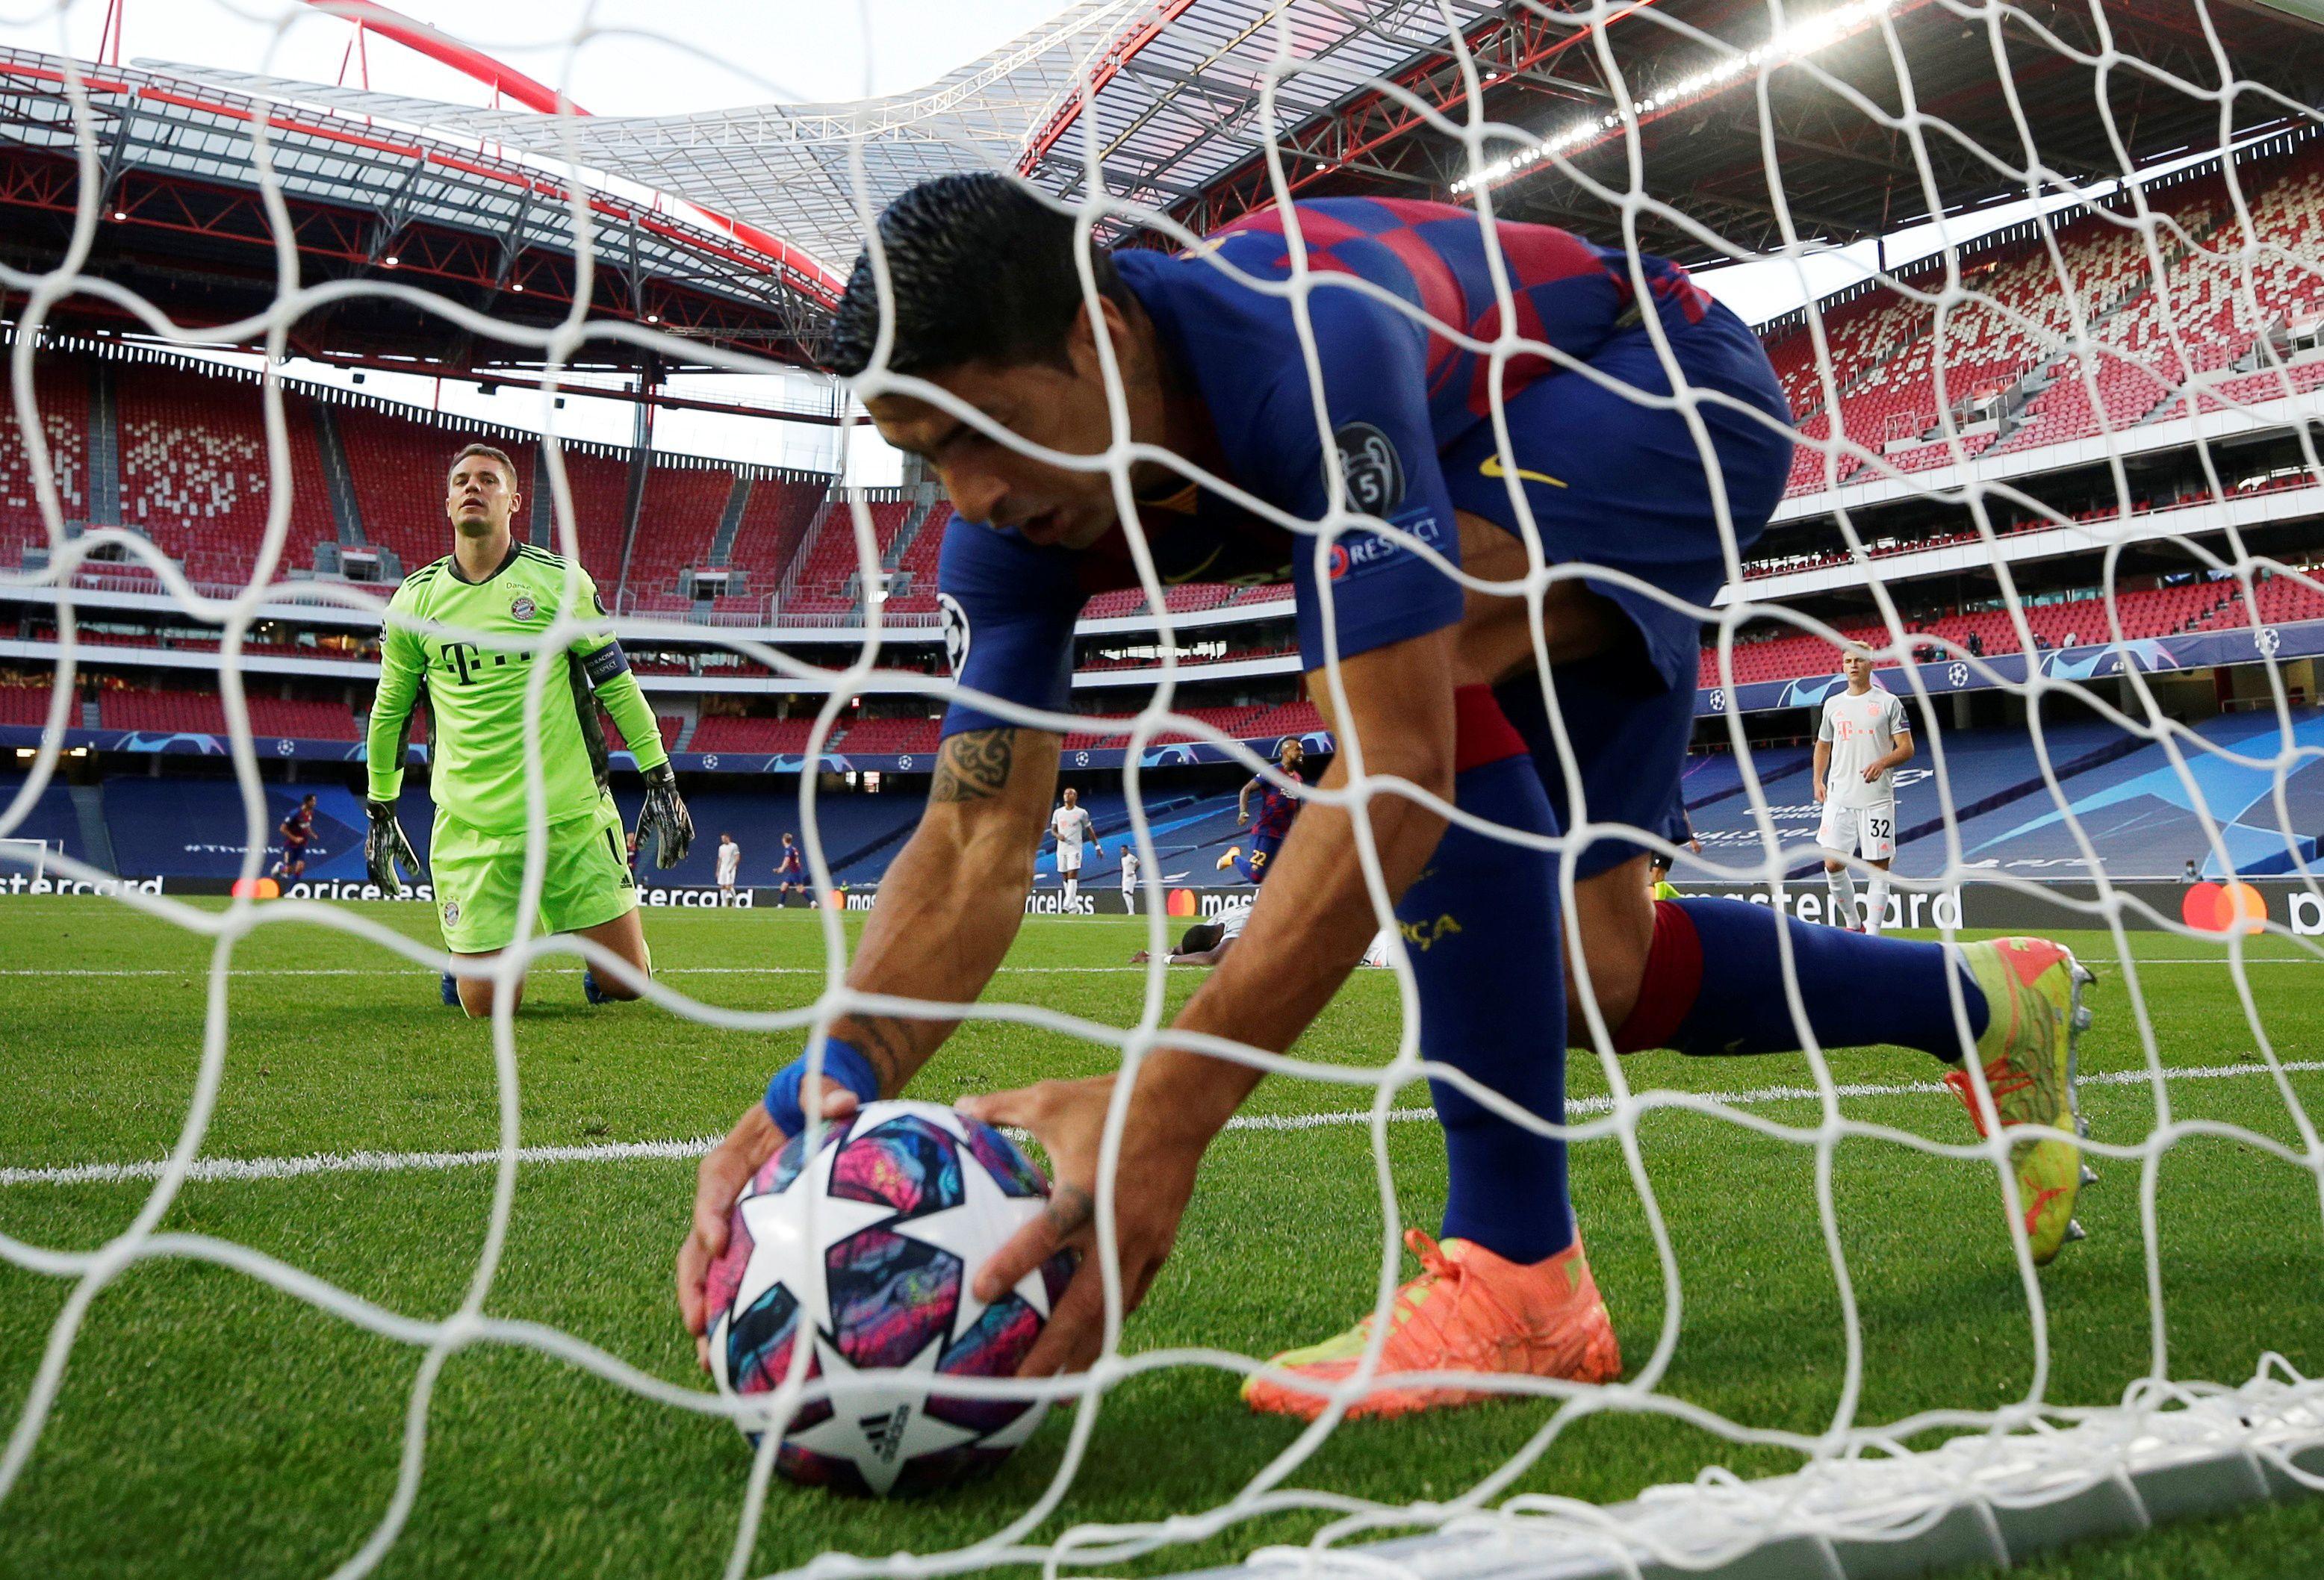 Suárez busca la pelota en el arco de Neuer tras el 1-1 por el tanto en contra de Alaba: no sabía lo que acontecería después (Manu Fernandez/Pool via REUTERS)